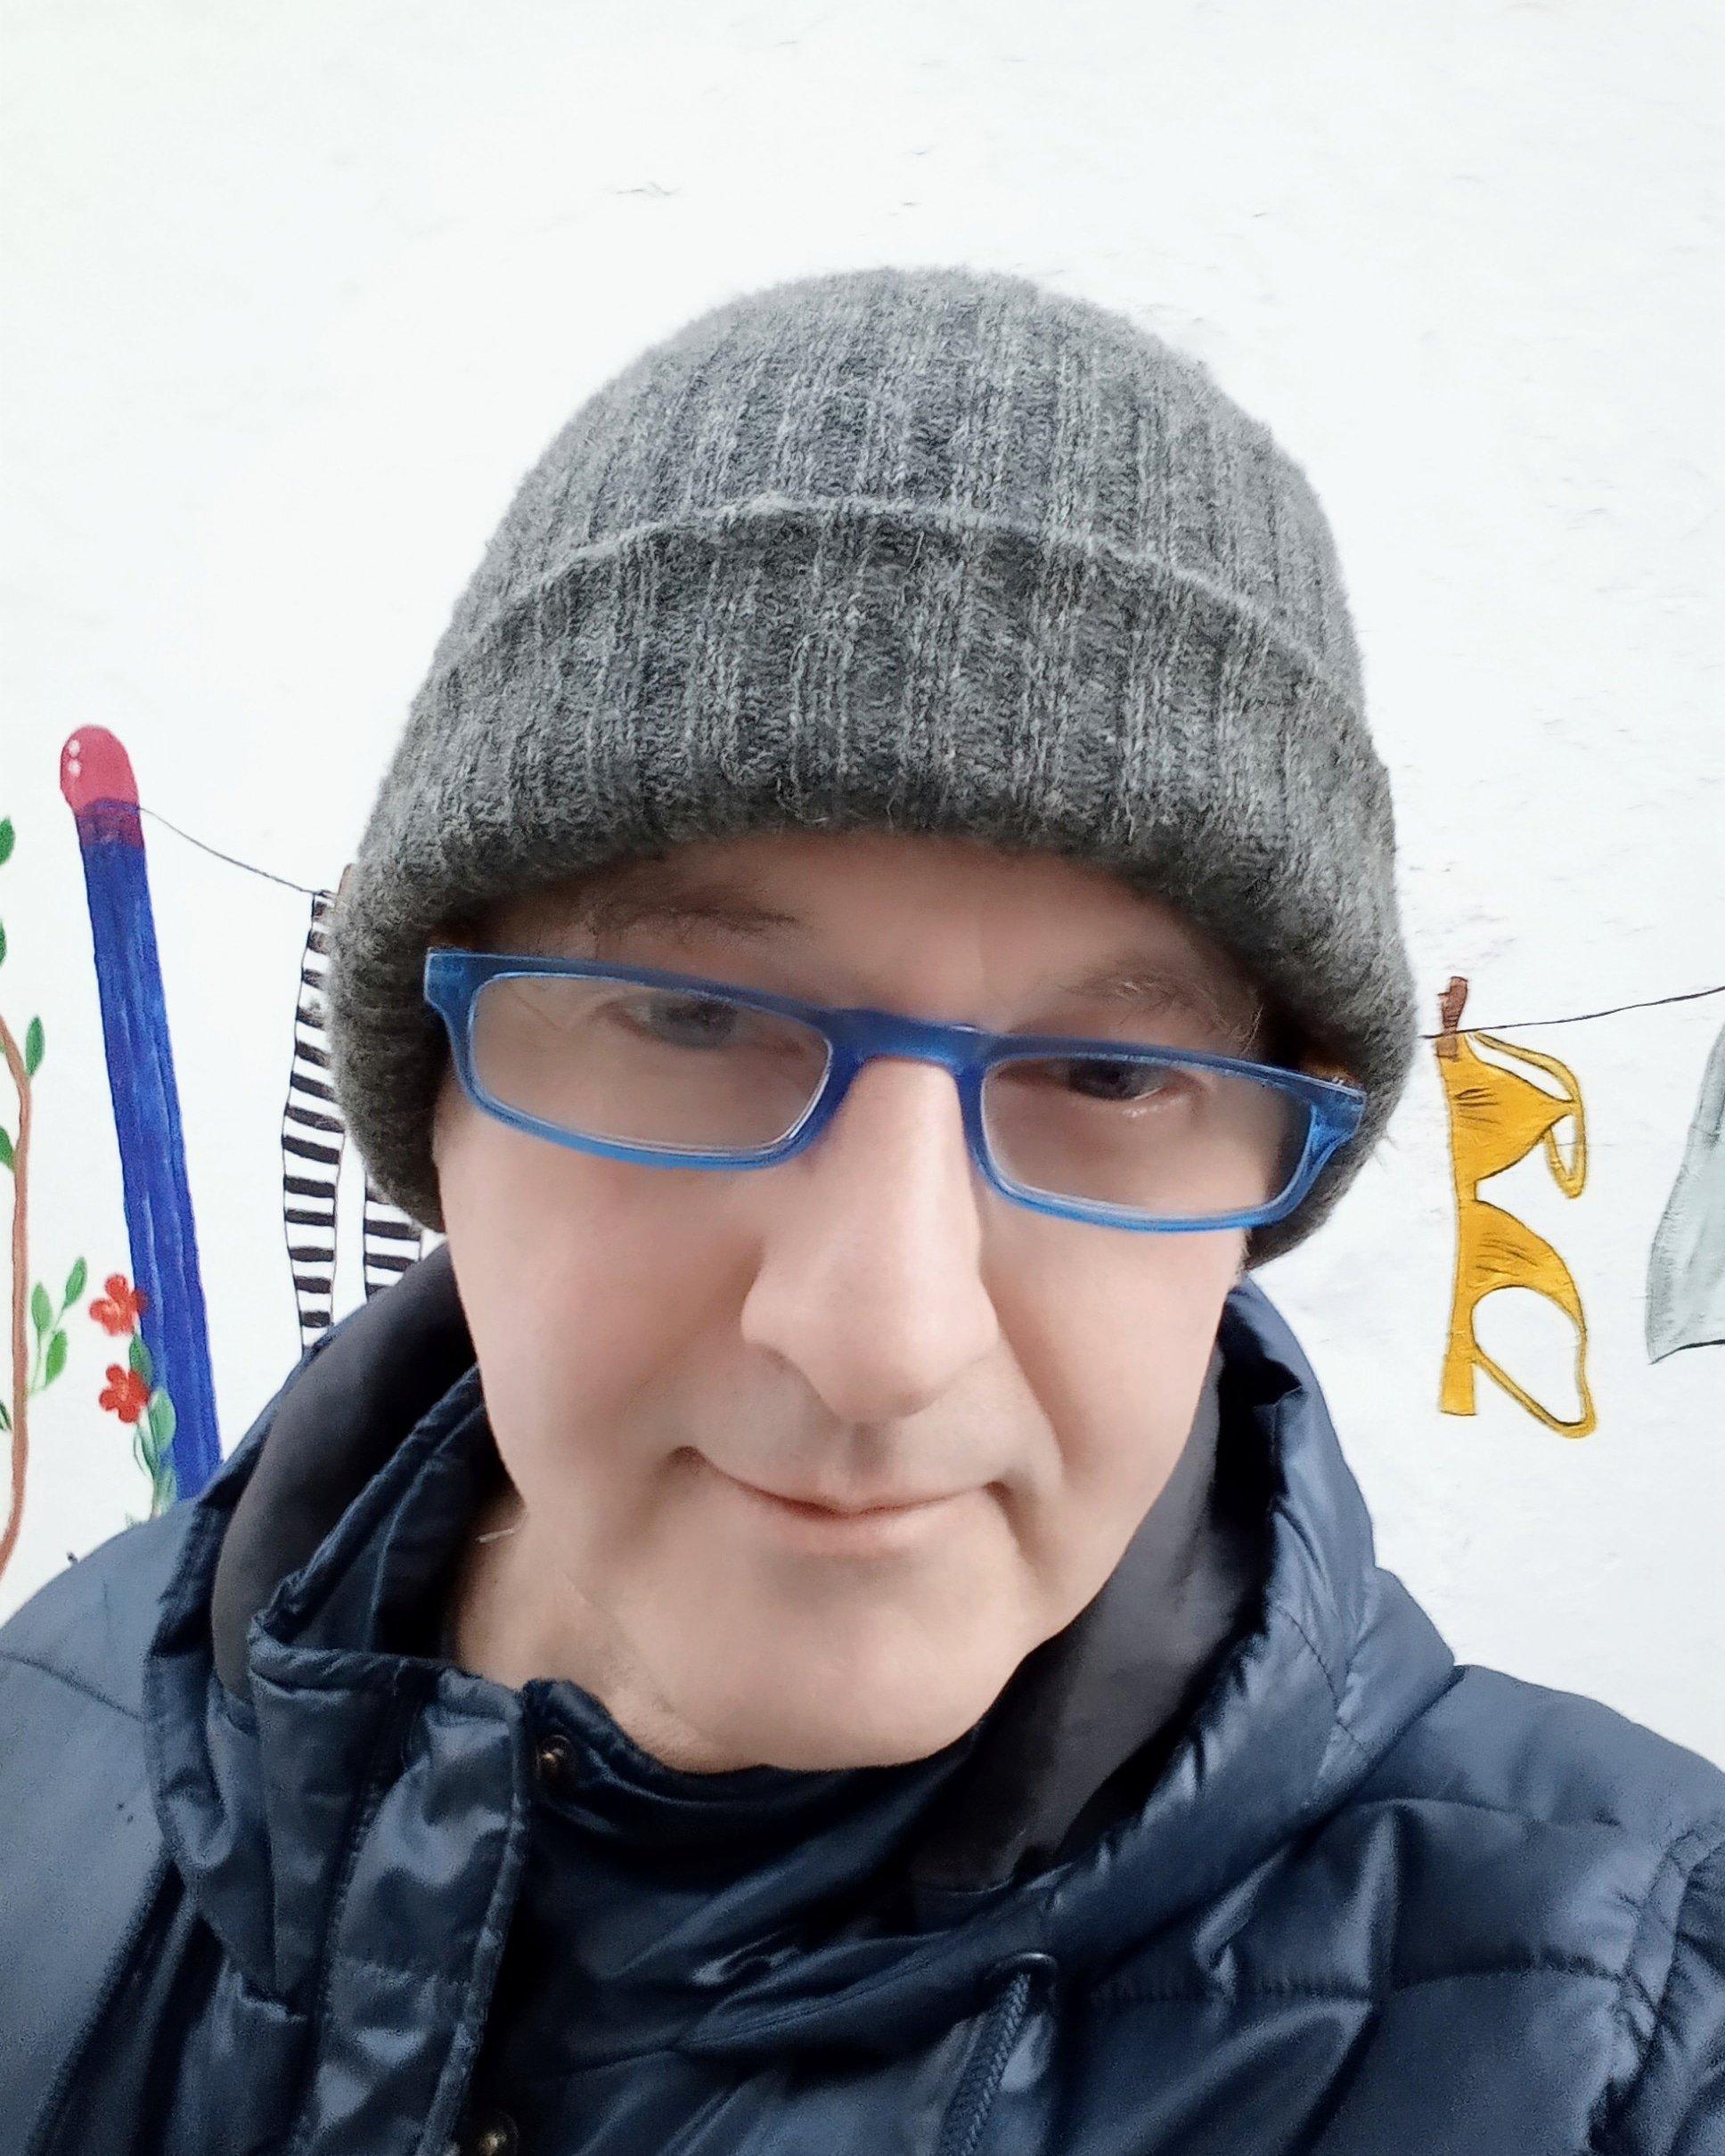 ΑΘΑΝΑΣΙΟΣ ΚΟΛΛΥΡΗΣ : Web Designer, UX Designer, Social Networking Manager, Storyteller, Φωτογράφος - https://www.linkedin.com/in/athanassioskollyris